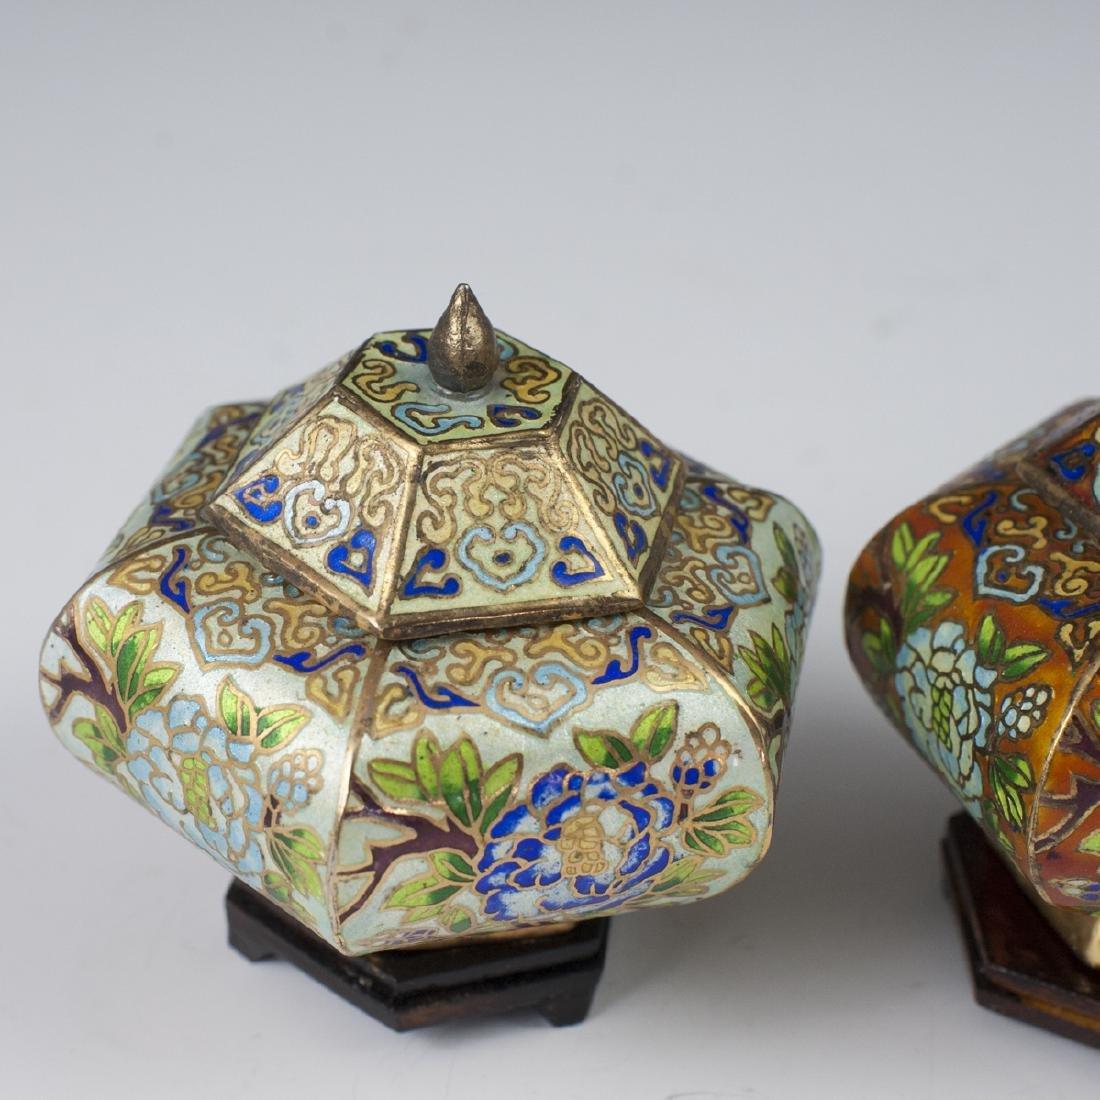 Chinese Cloisonne Enameled Jars - 2